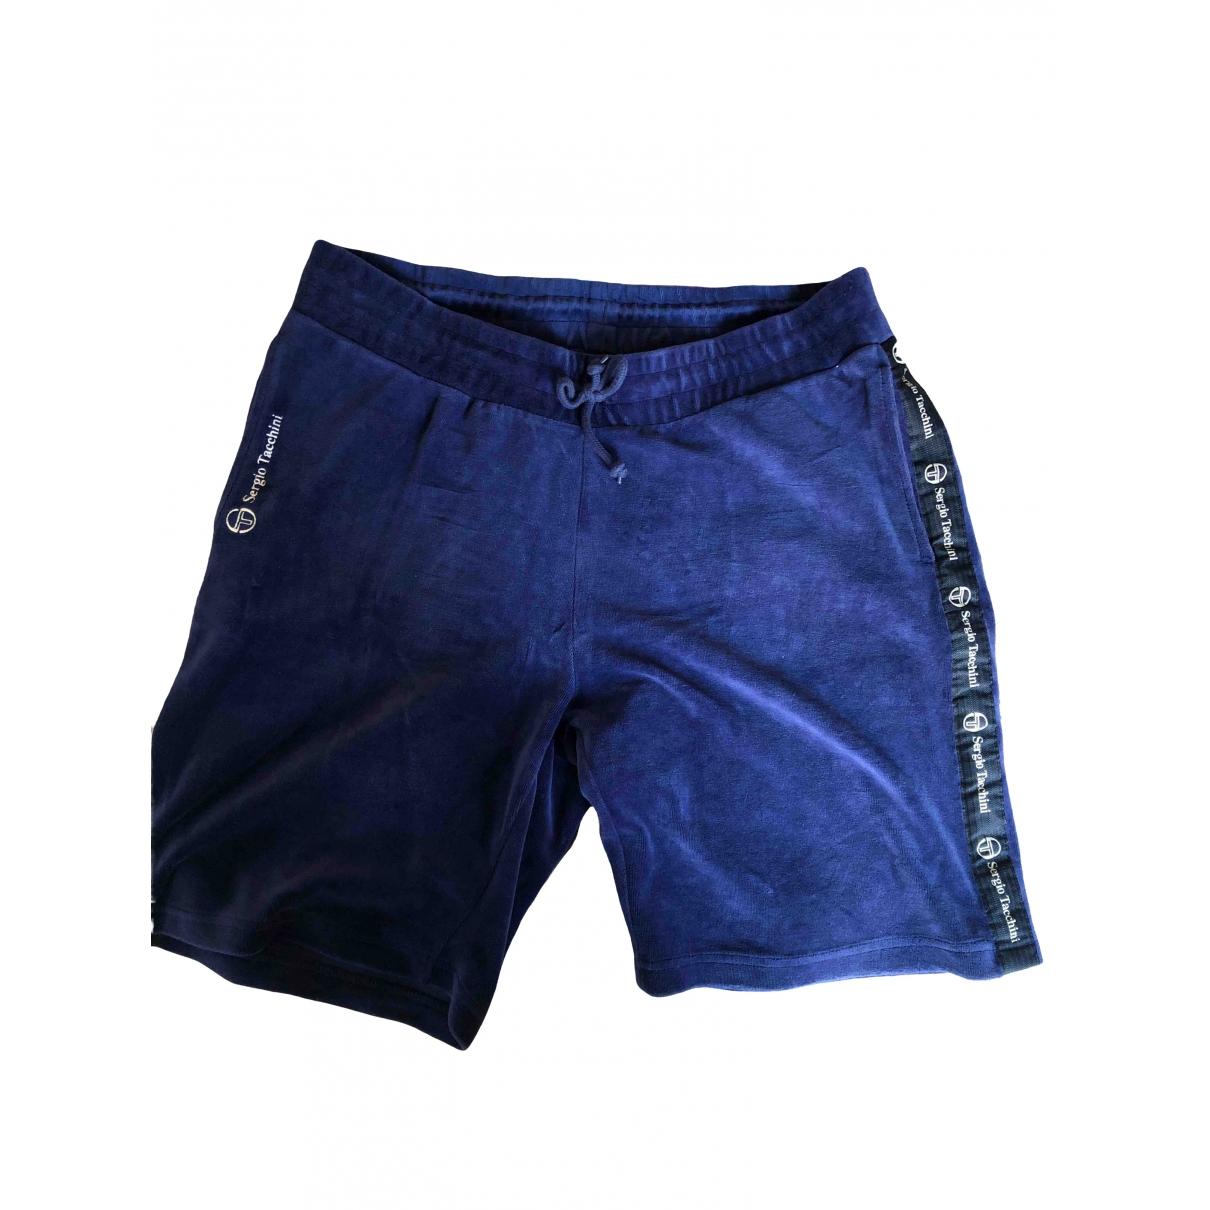 Pantalon corto Sergio Tacchini